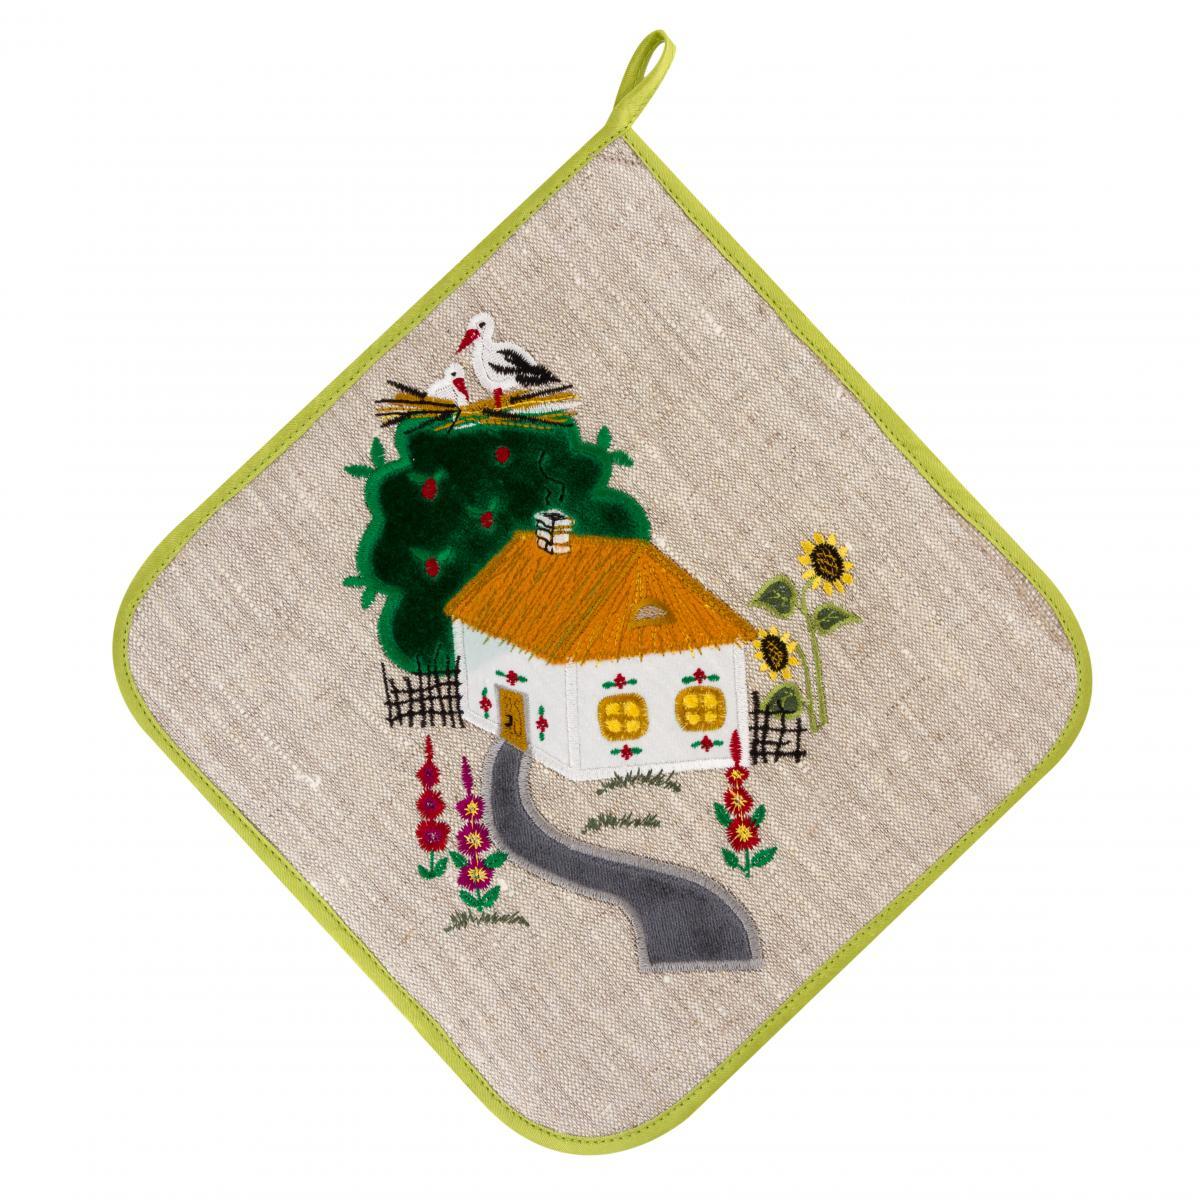 Прихватка Зелена хата. Фото №1. | Народний дім Україна